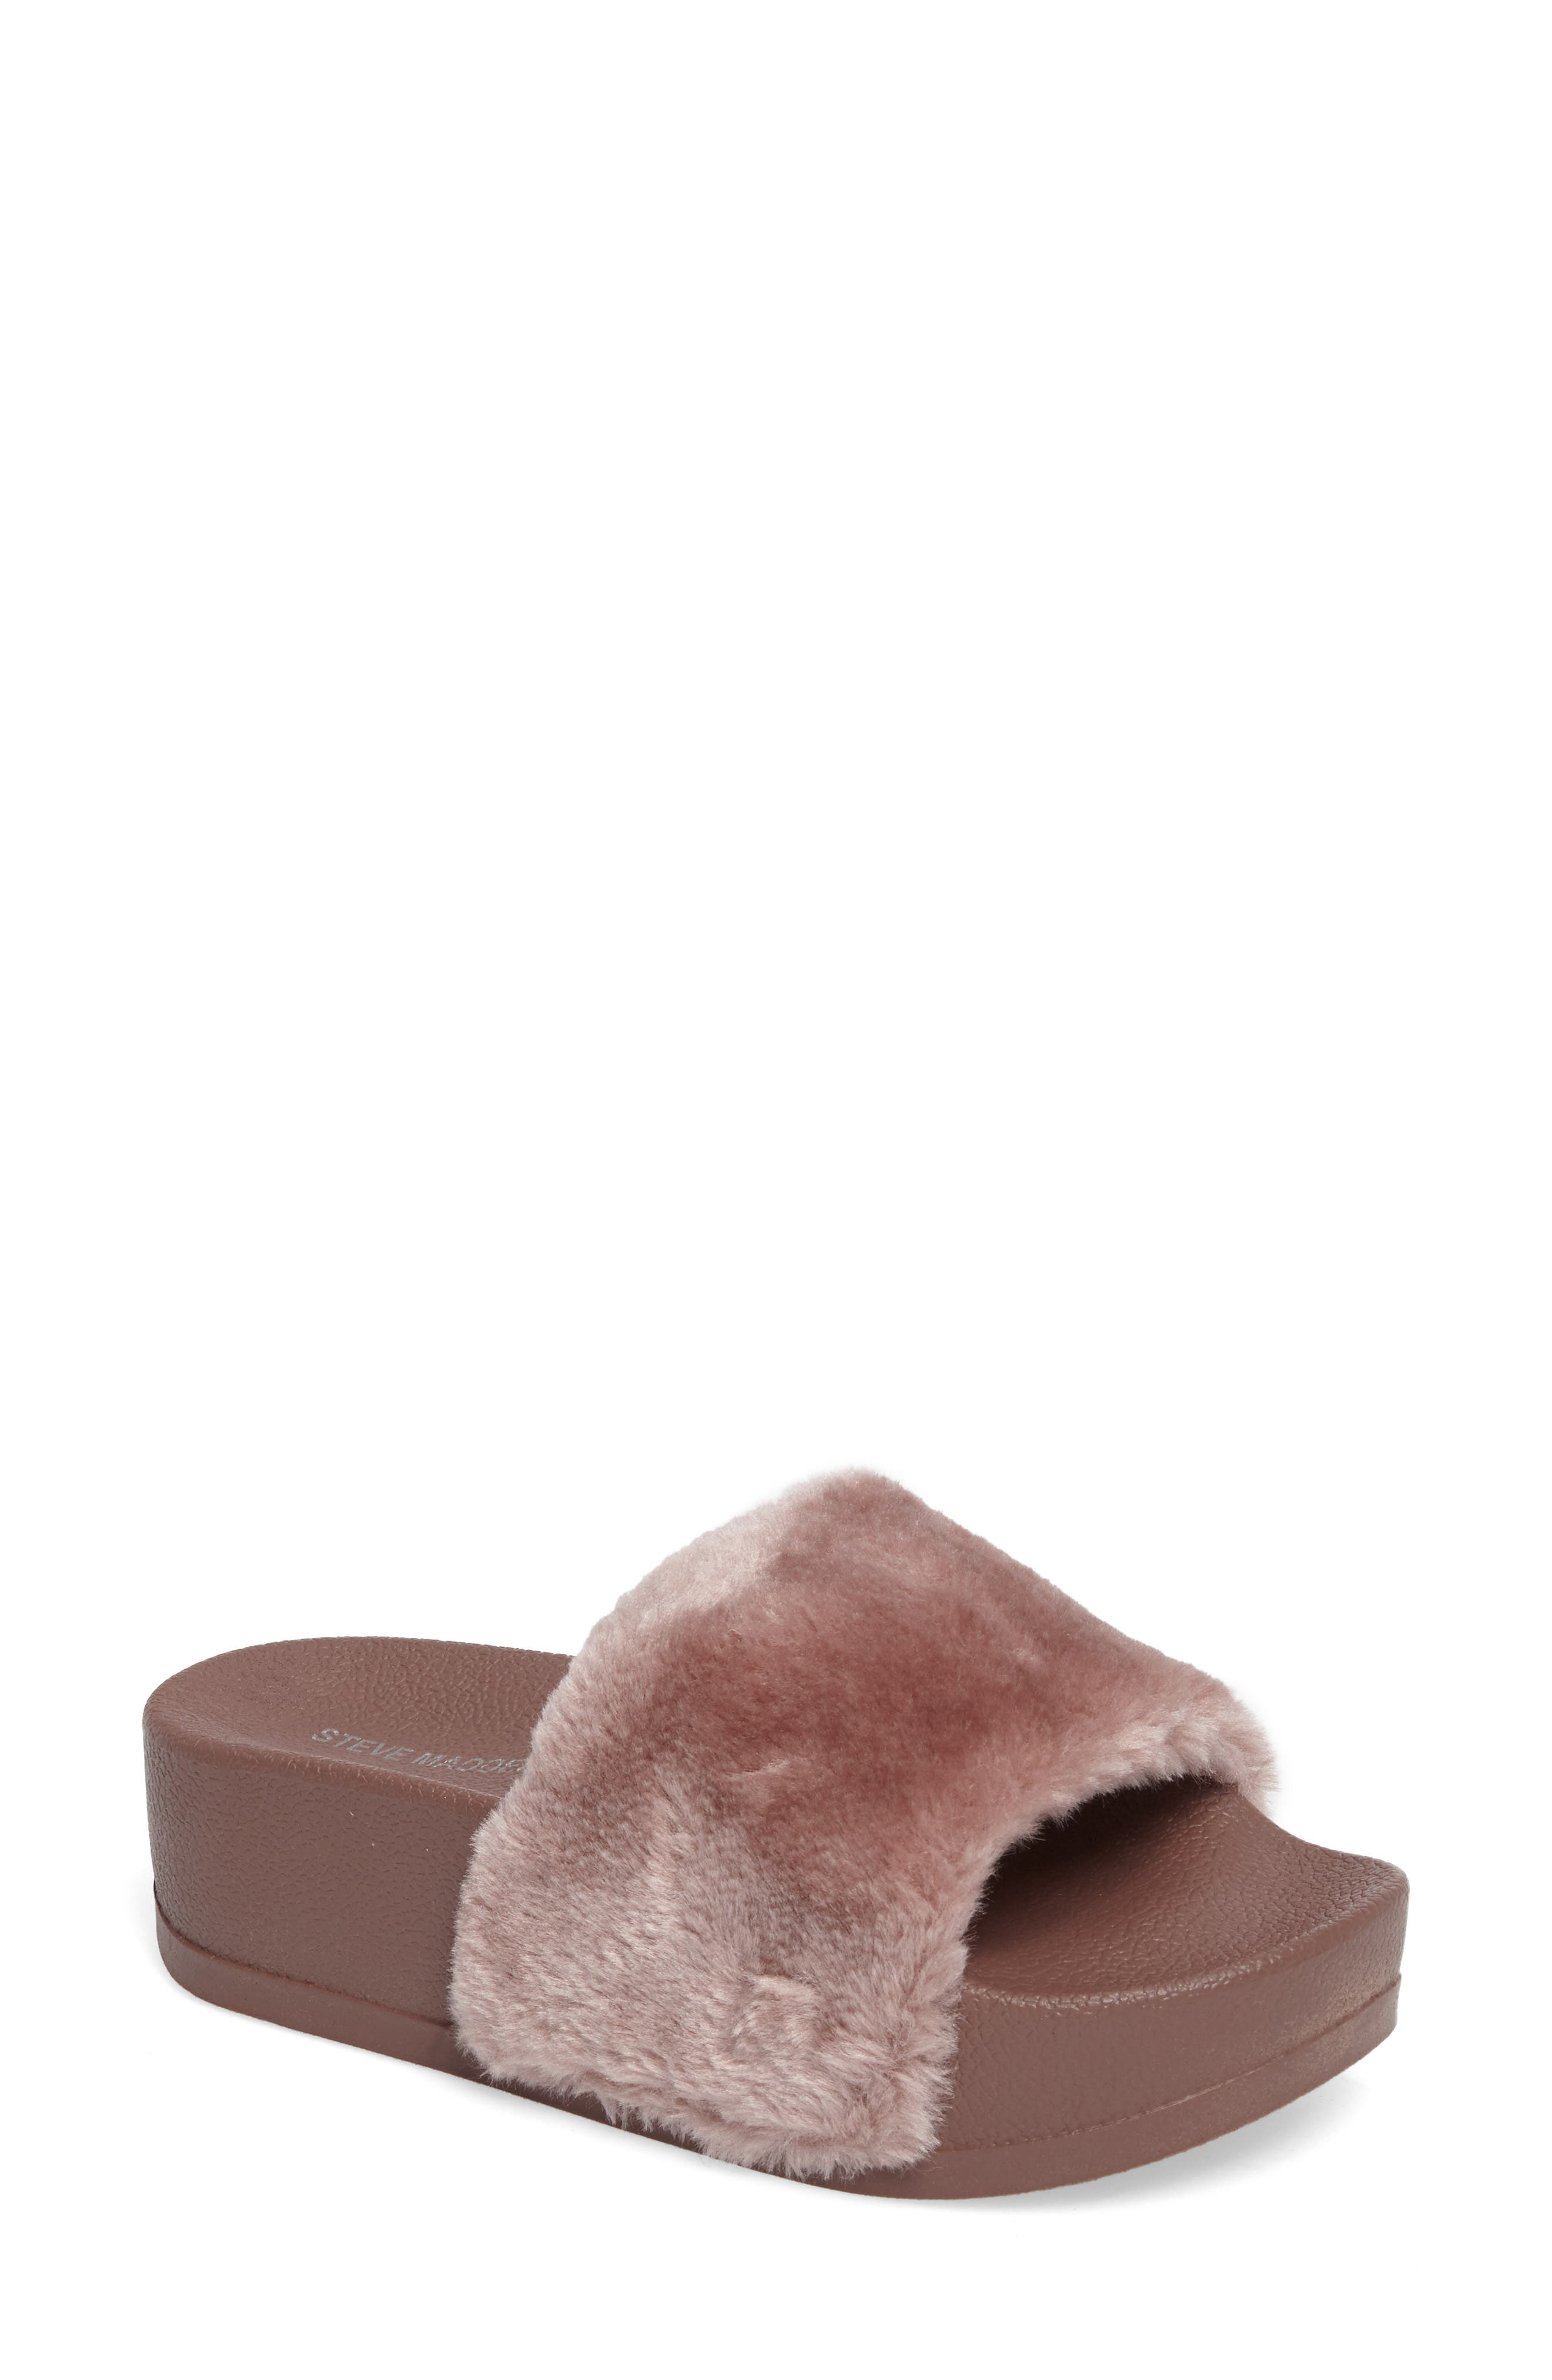 STEVE MADDEN Softey Faux Fur Platform Slide